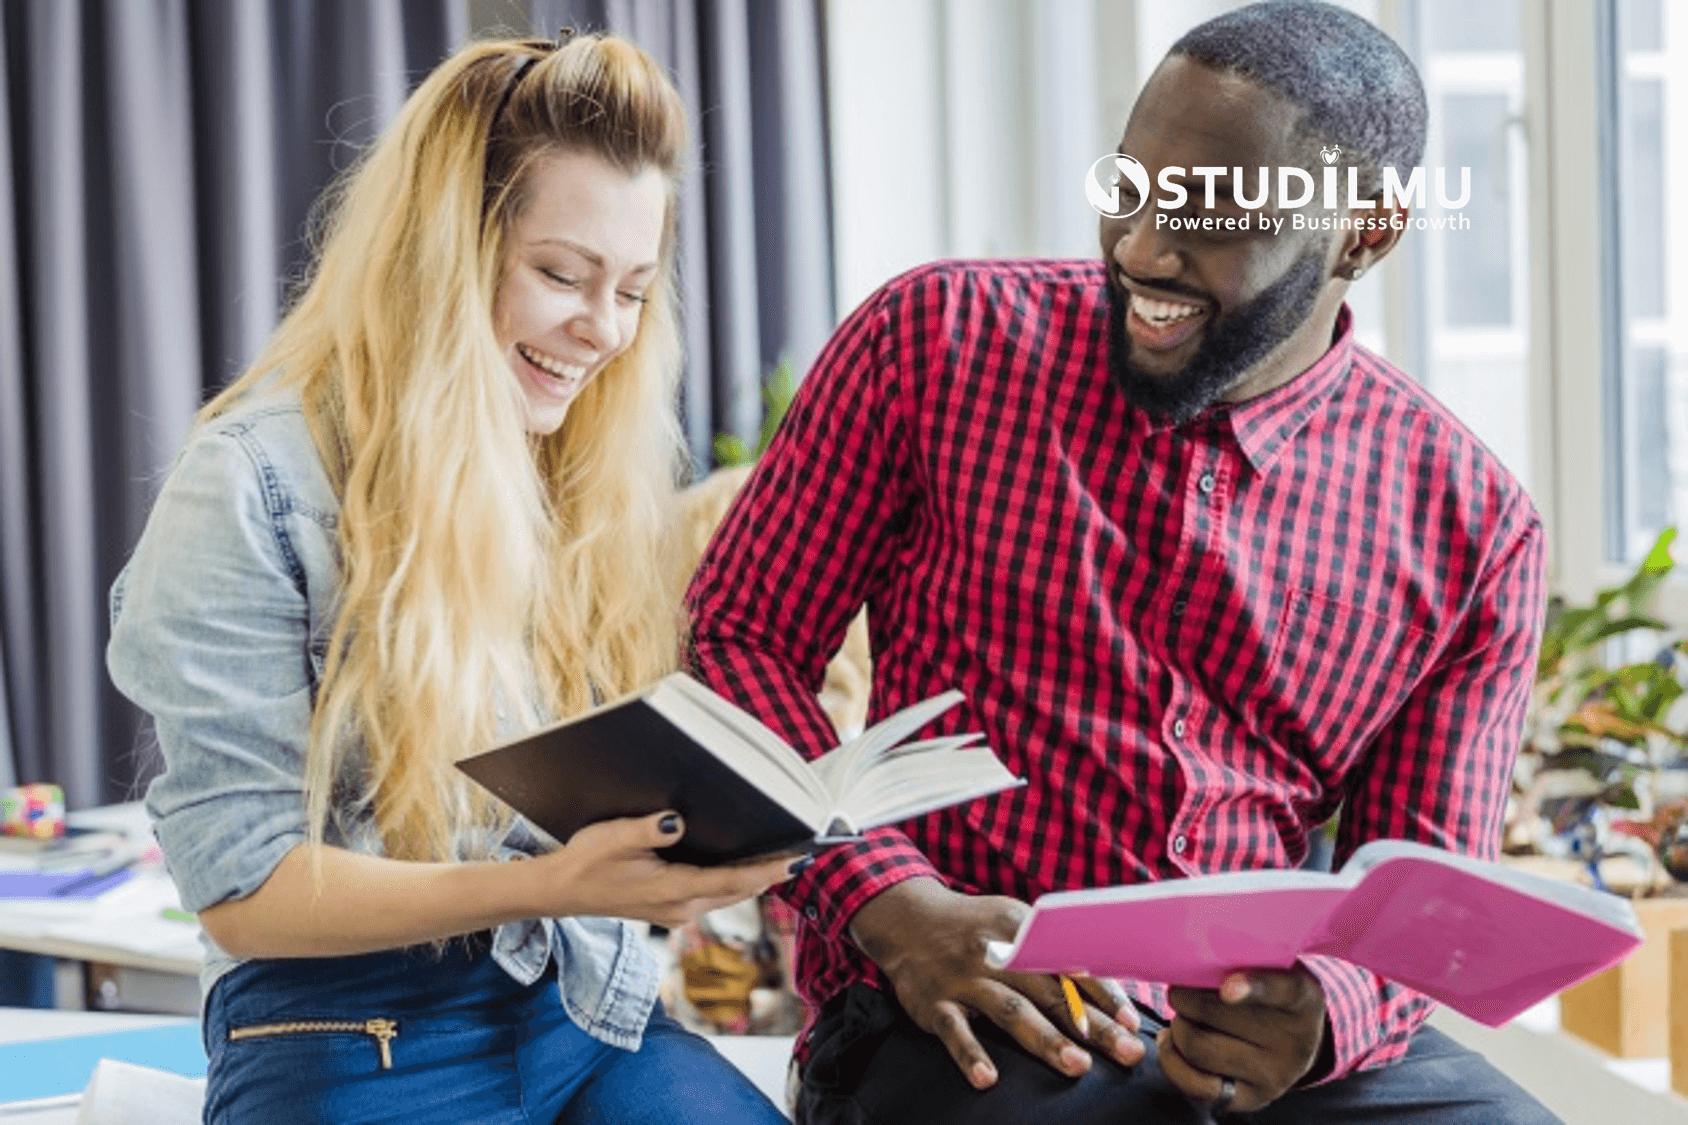 STUDILMU Career Advice - 3 Alasan Mengapa Millennial Fokus Pada Kecerdasan Emosional